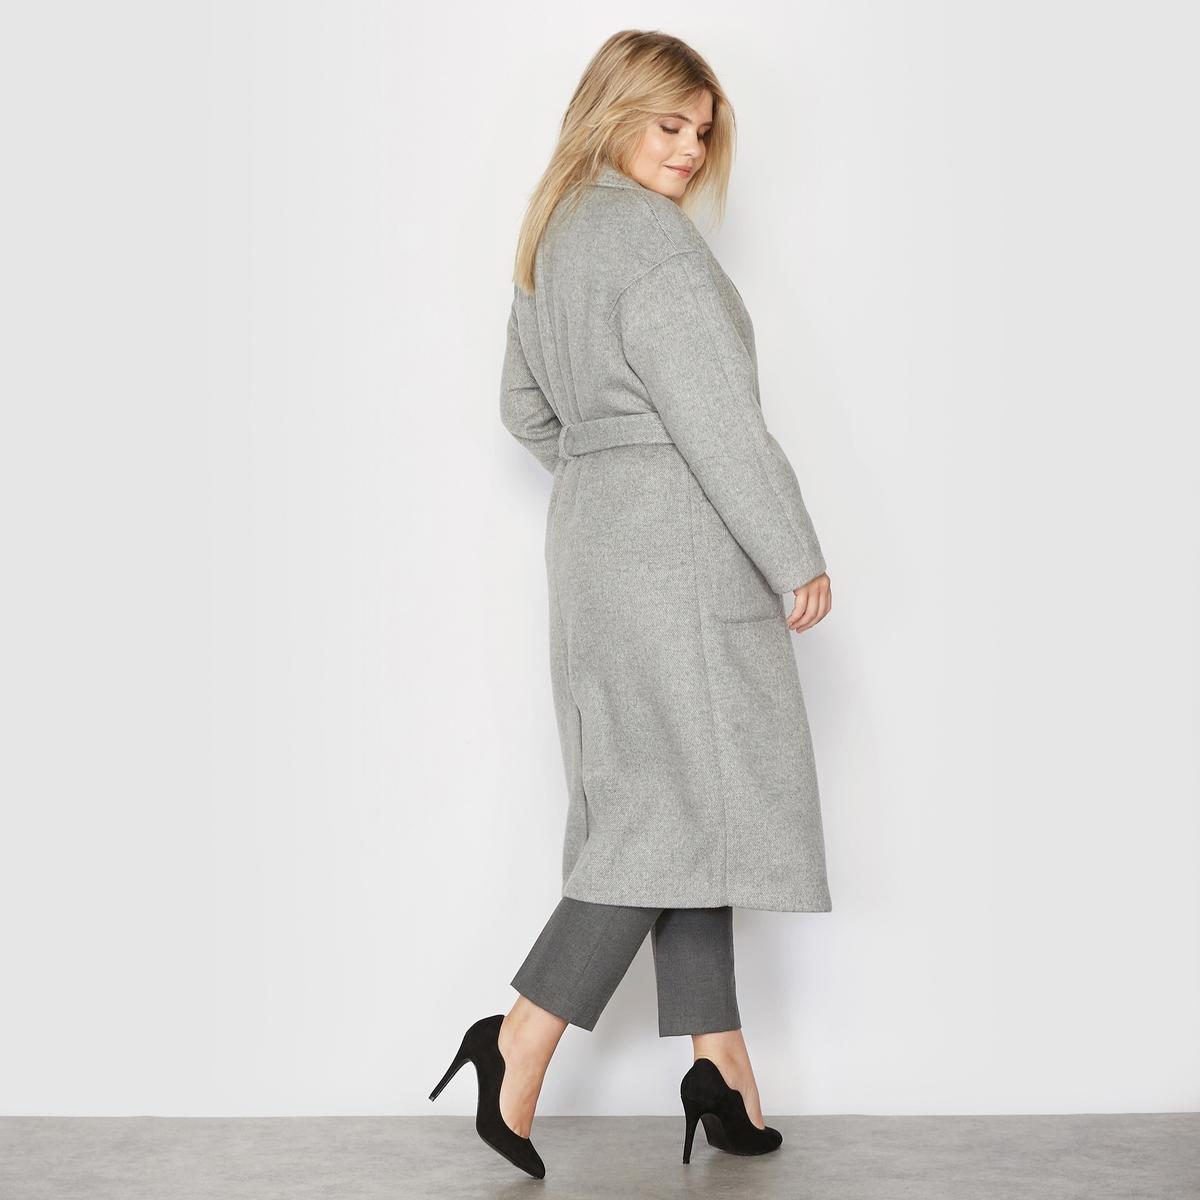 Пальто длинное, 34% шерстиПальто длинное.Очень красивая драповая шерсть, плотная и тёплая.Пиджачный воротник.Застёжка на 2 внутренние кнопки спереди, с поясом.2 накладных кармана.Съемный пояс со шлевками.Длинные рукава, закругленные вставки на плечах.Шлица сзади посередине.Очень красивая внутренняя отделка  белой лентой (шнуром). Состав и описание :Материал : меланжевая ткань 54% полиэстера, 34% шерсти, 7% акрила, 5% полиамида. Без подкладки.Длина: 111 см. Марка : CASTALUNA.Уход: Сухая чистка..<br><br>Цвет: светло-серый<br>Размер: 56 (FR) - 62 (RUS).52 (FR) - 58 (RUS).54 (FR) - 60 (RUS)